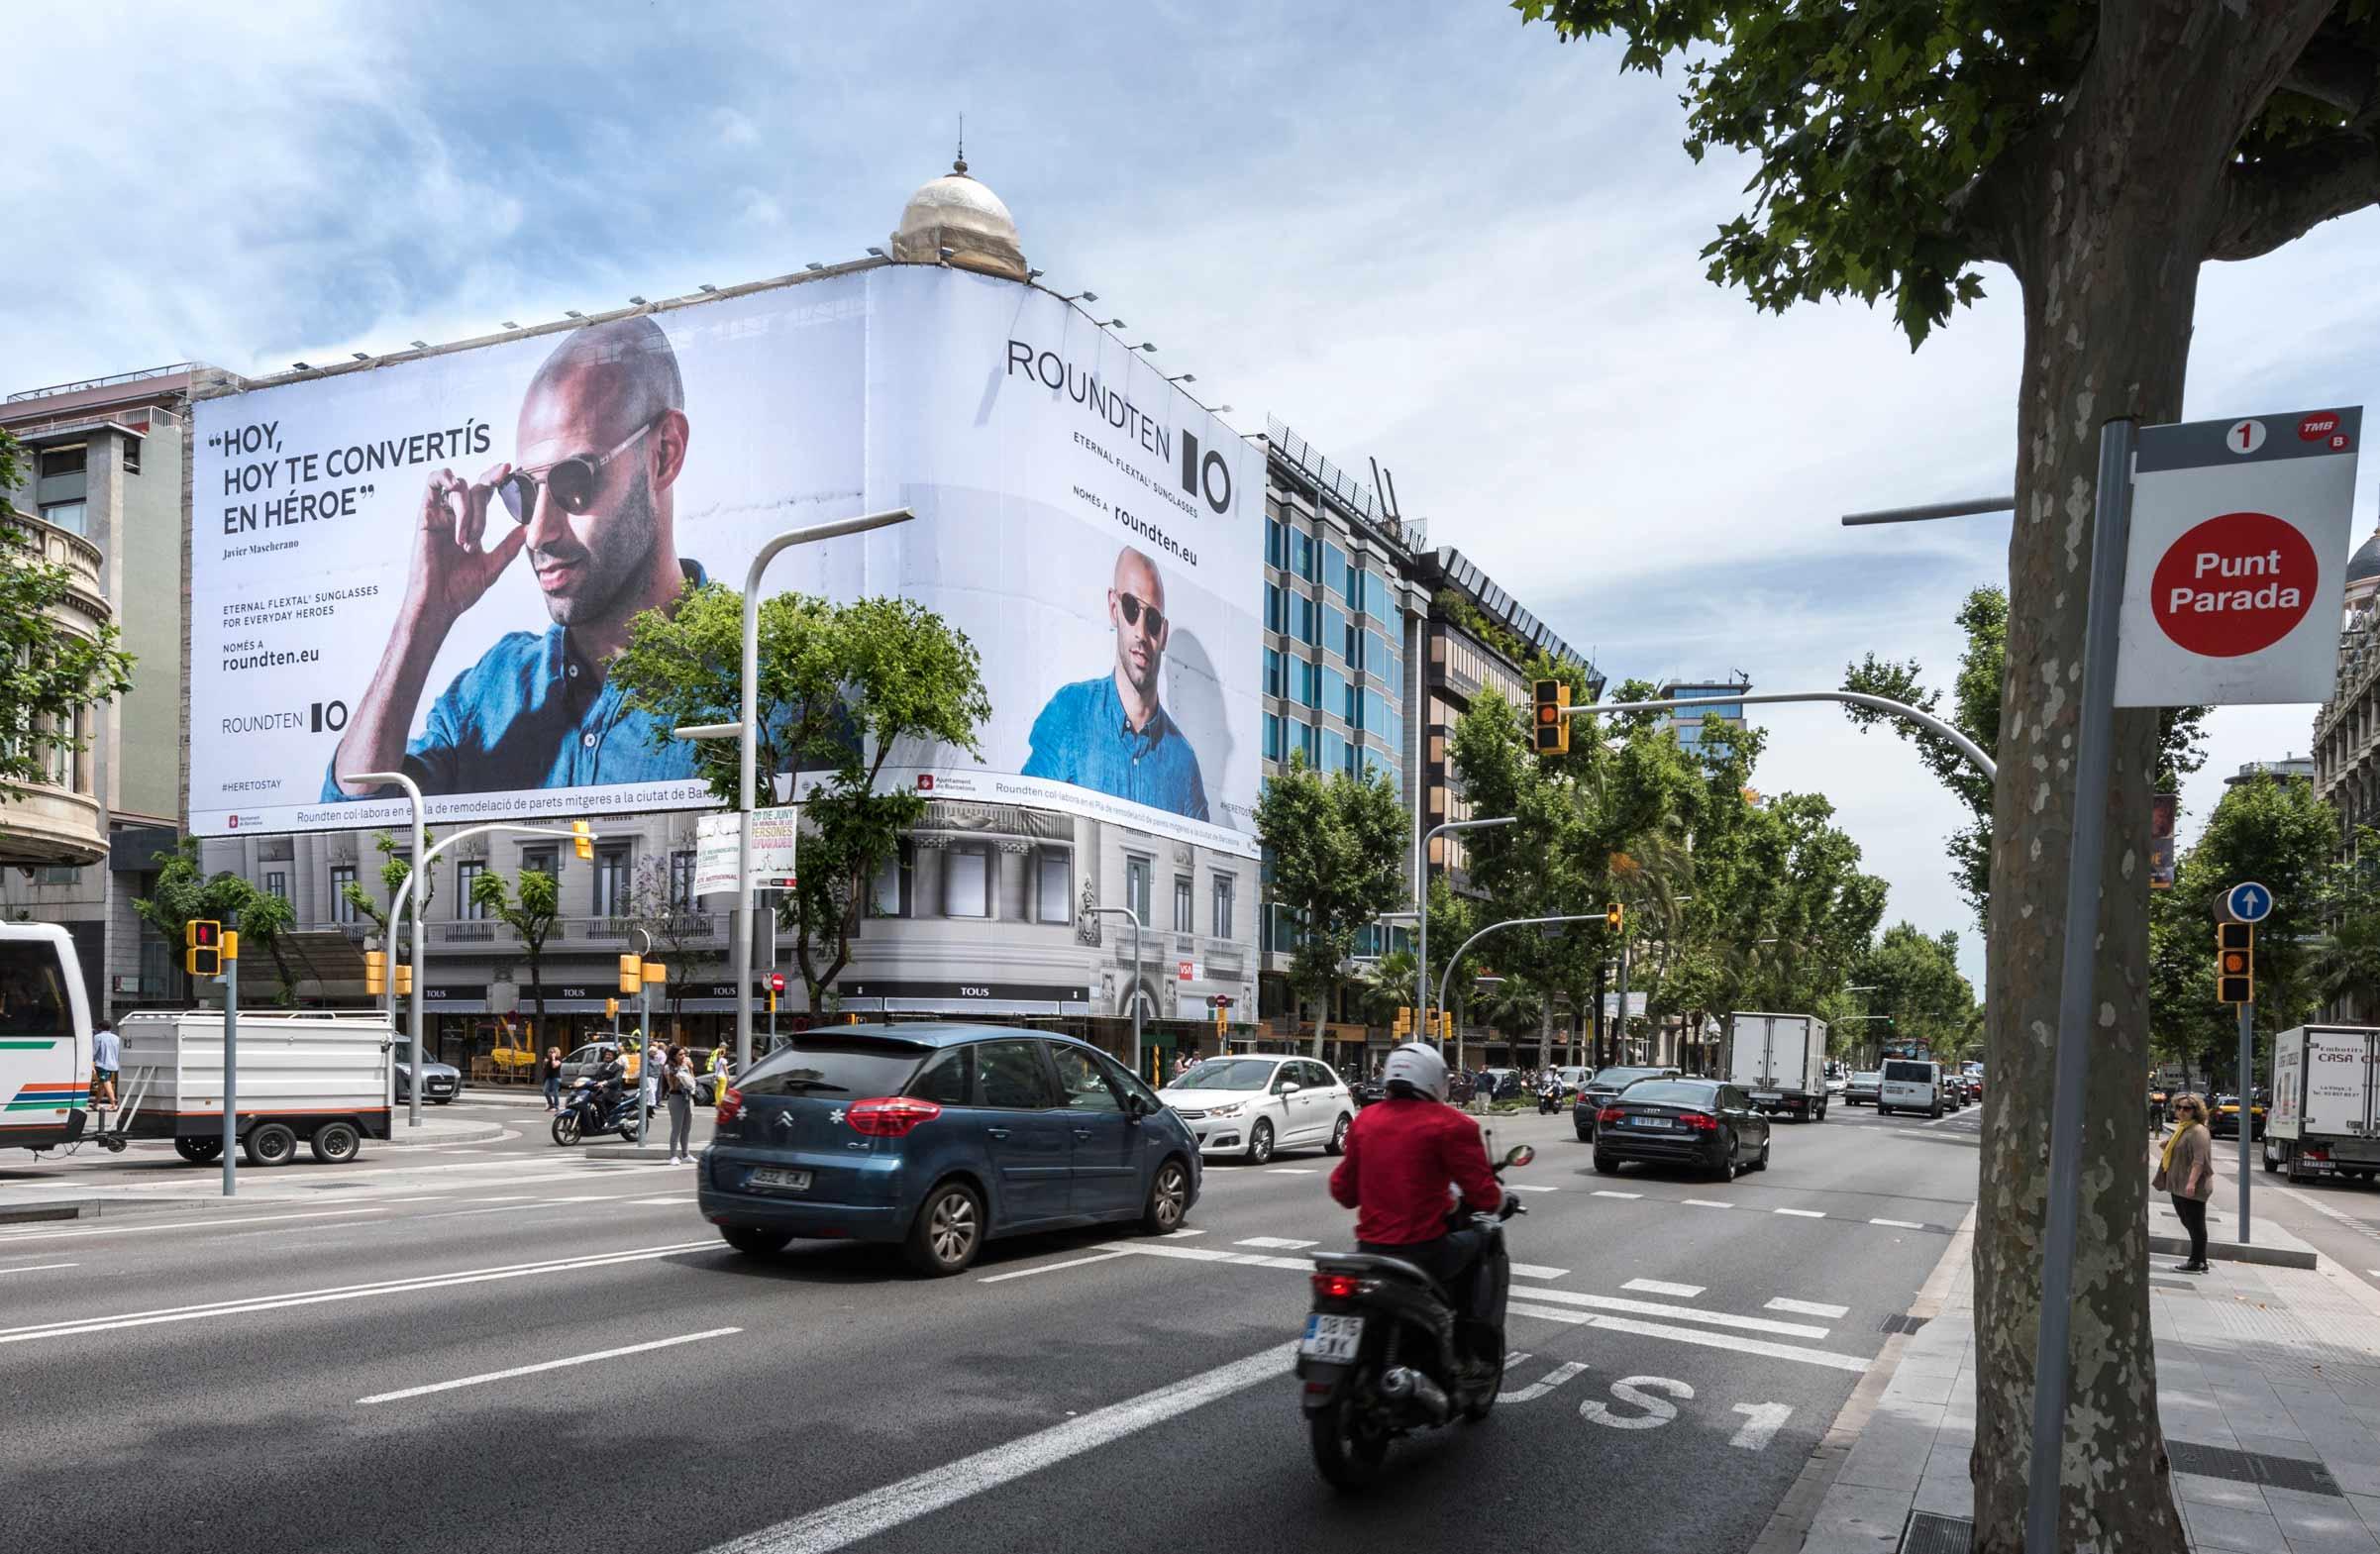 lona-publicitaria-barcelona-avenida-diagonal-478-roundten-javier-mascherano-lateral-vsa-comunicacion